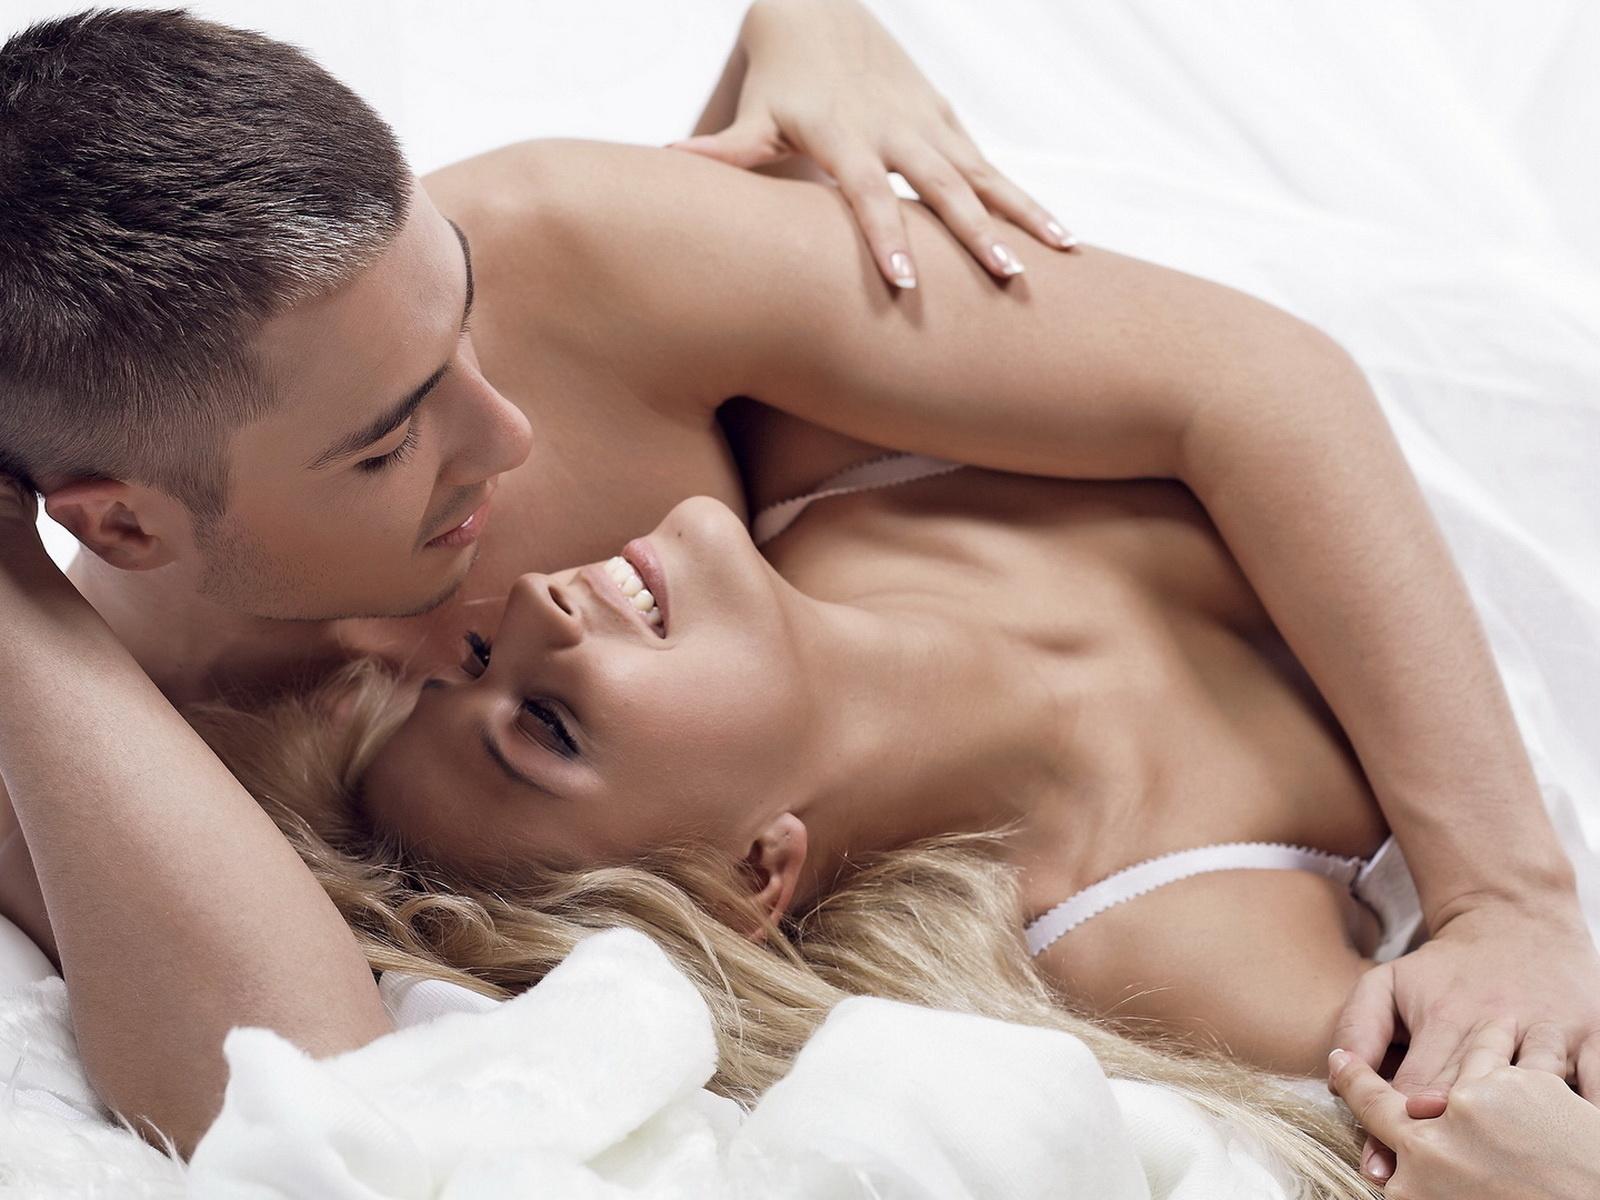 Секс в первые как себя ввести чтоб доставить ему удовольствие